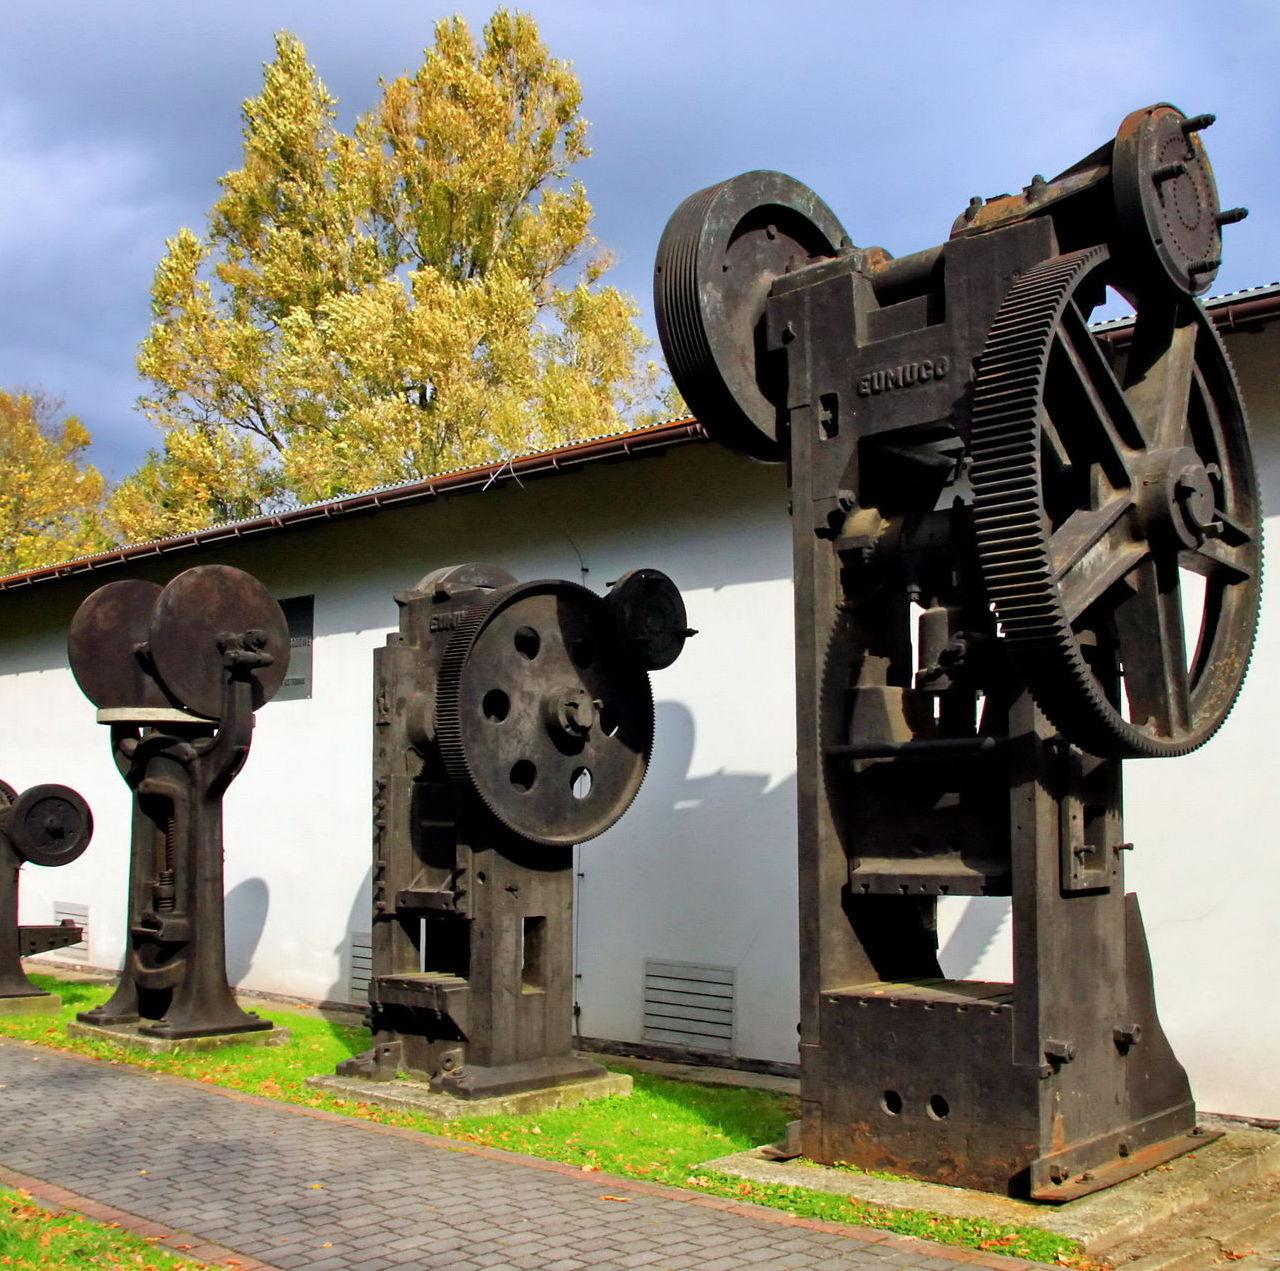 Muzeum ustron skie  urza dzenia hydrotechniczne  1